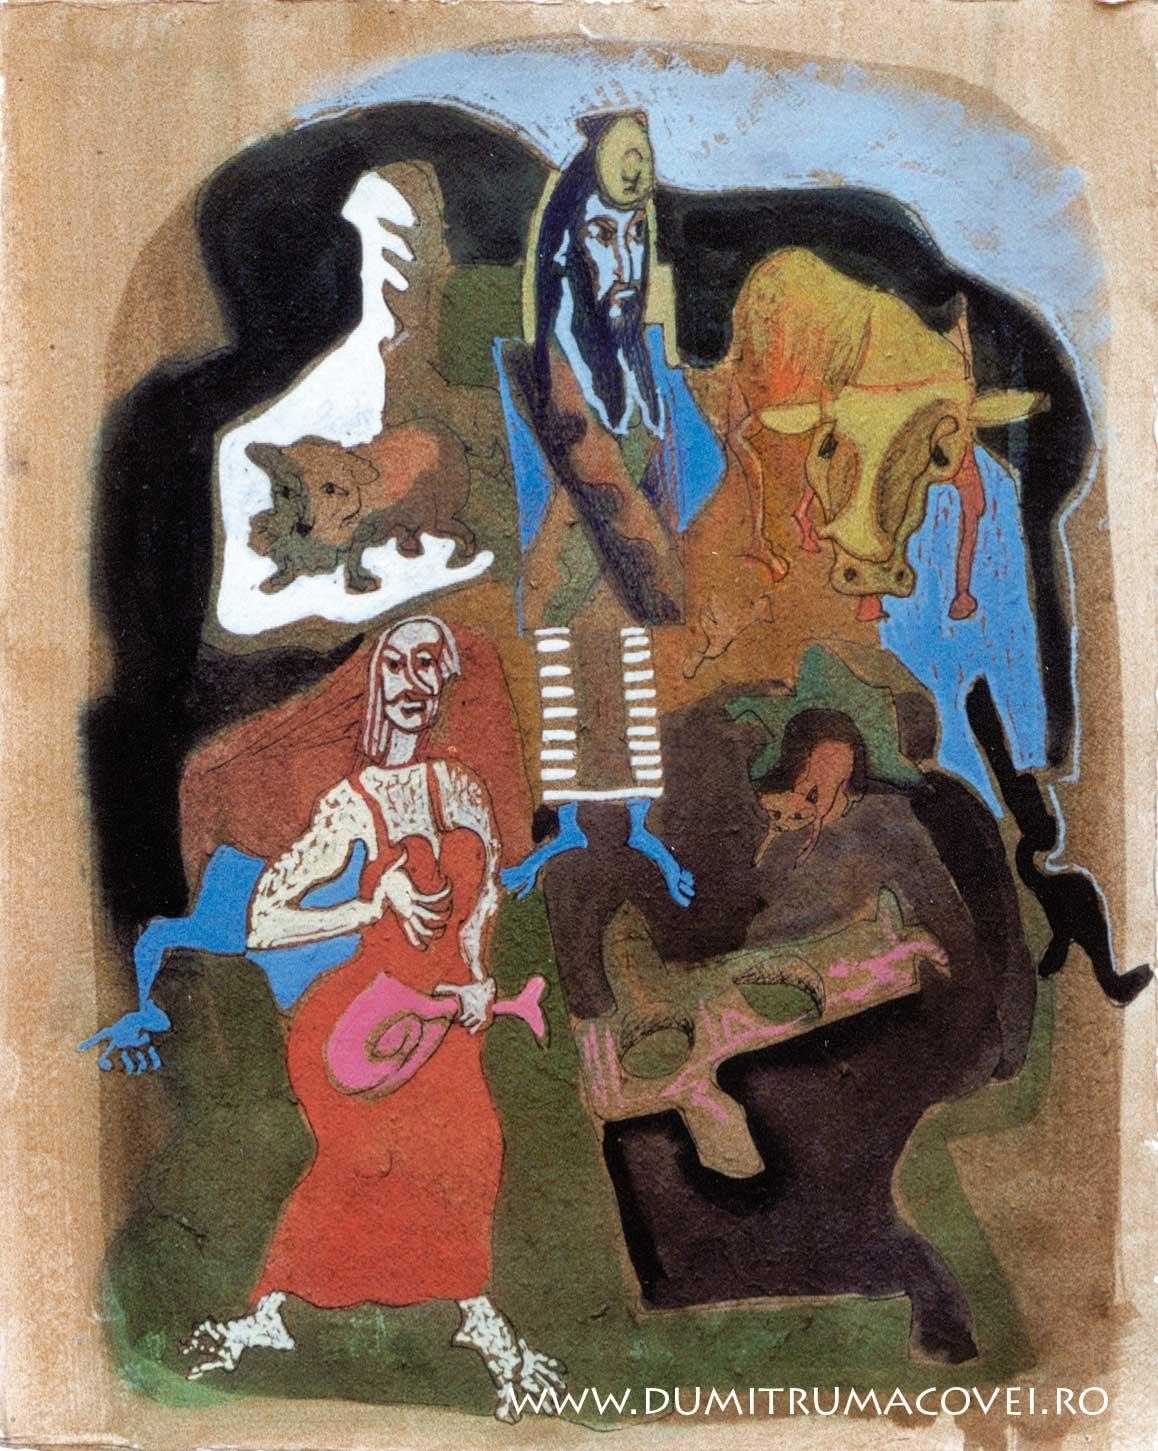 pictor Dumitru Macovei, Fizonomiile noptii VI